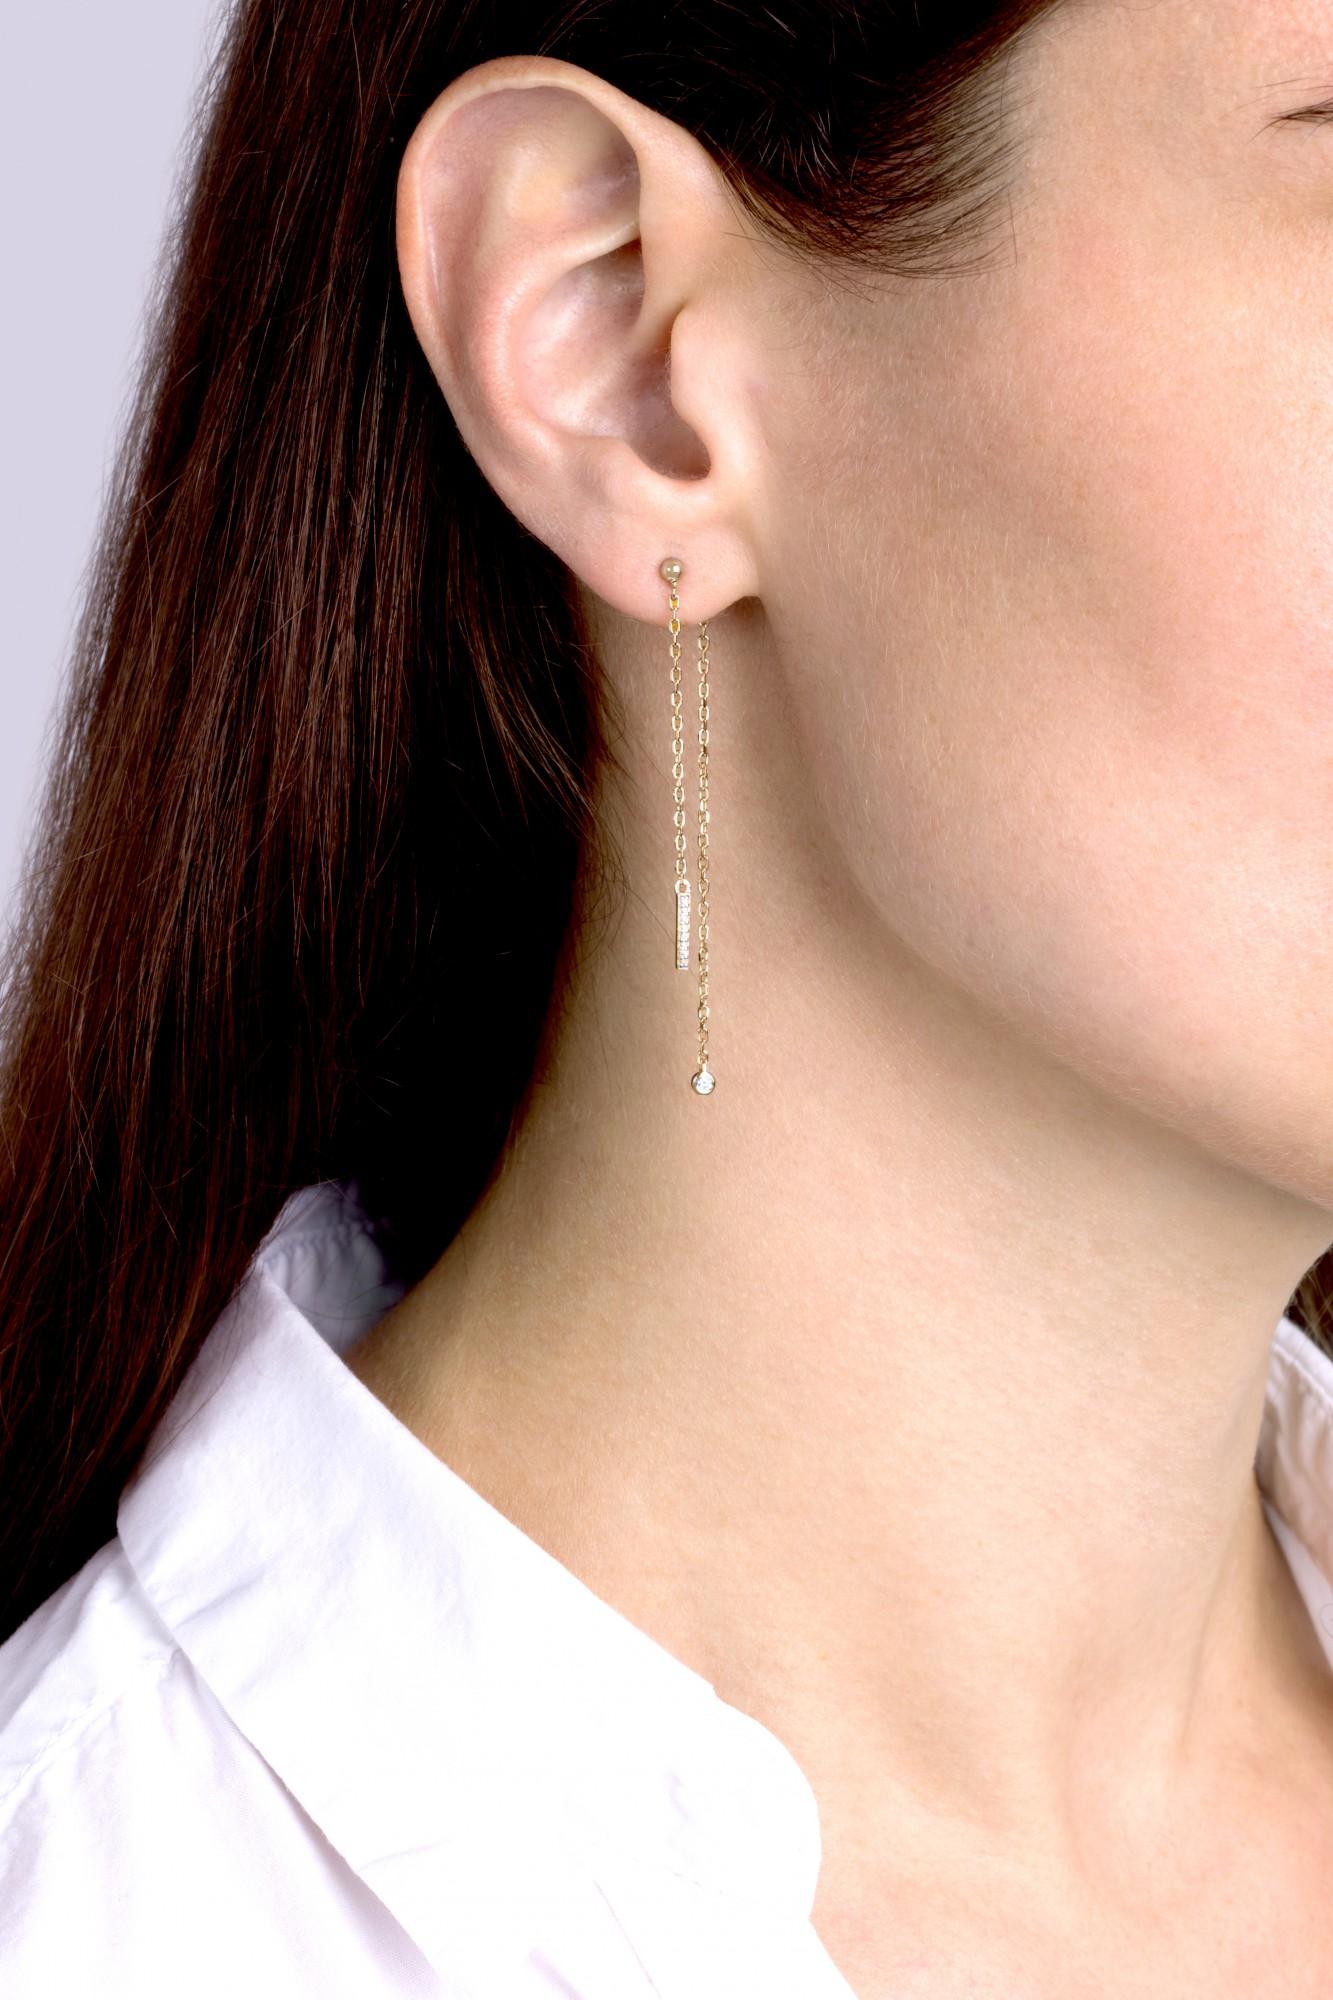 Boucles d'oreilles plaqué or 750 millièmes Femme La Garçonne Diamant